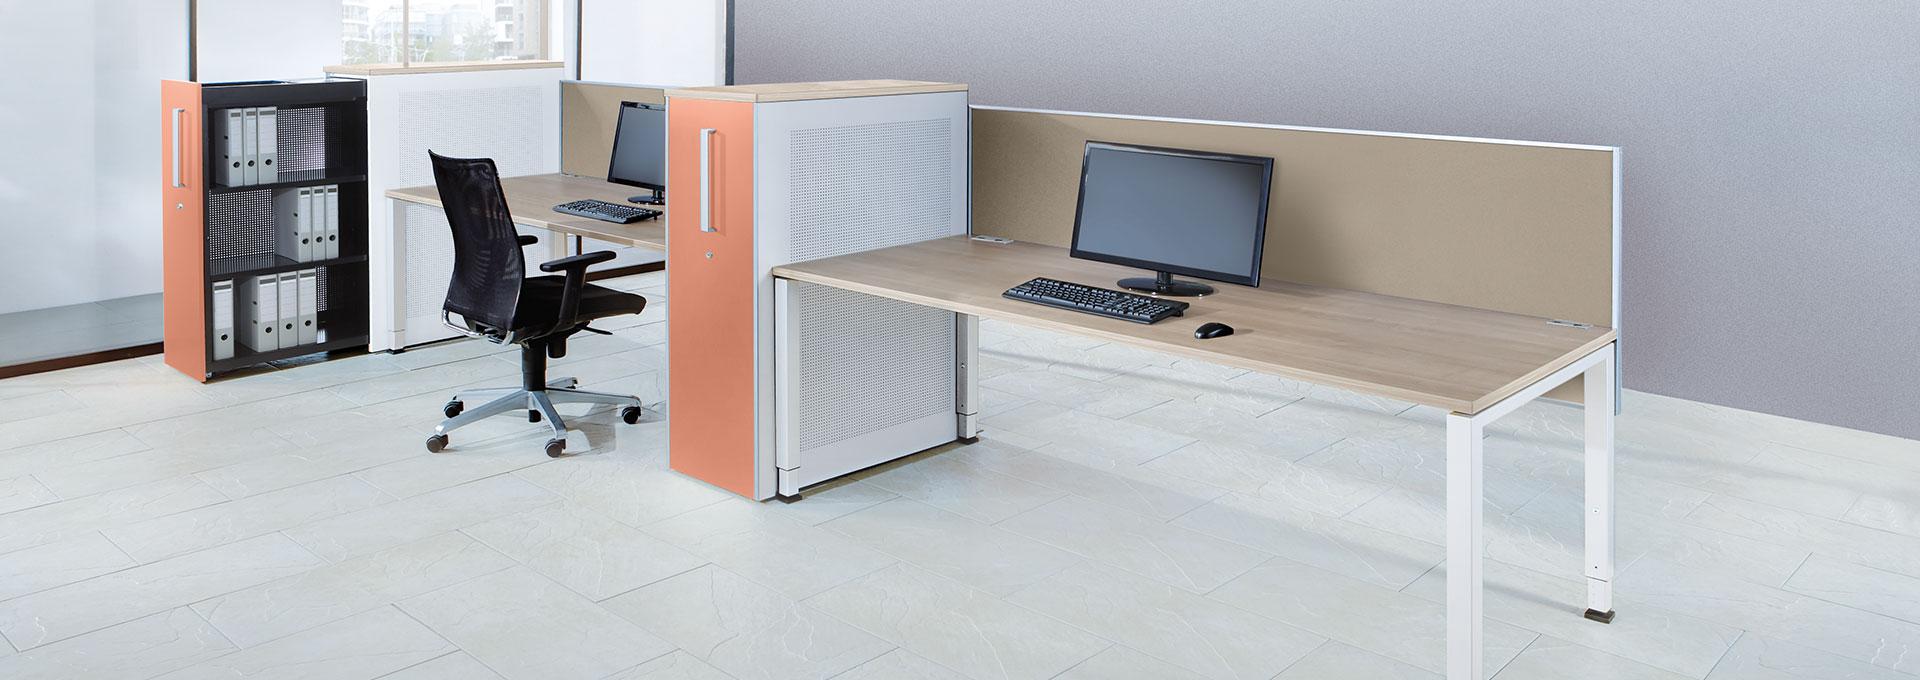 Schreibtisch-Doppelarbeitsplatz-Hochauszugschrank-arcos-mauser-slider